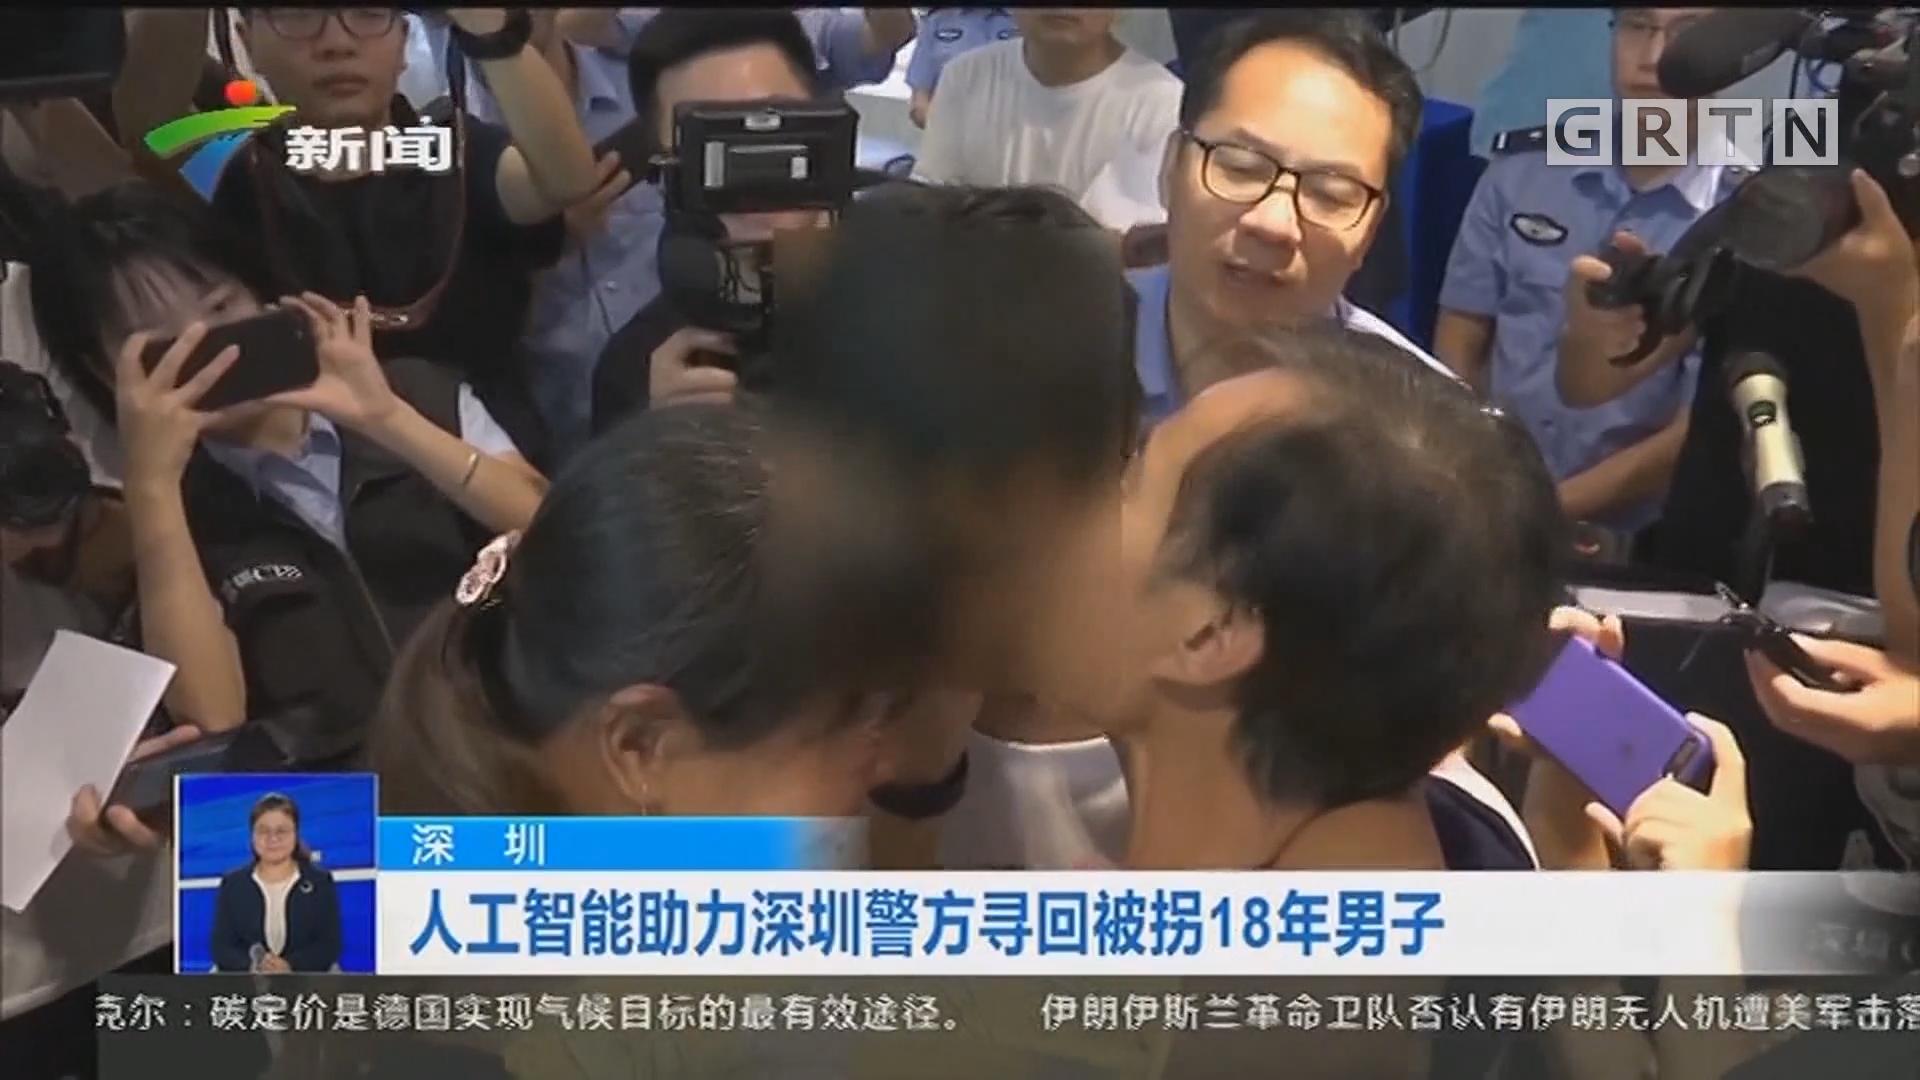 深圳:人工智能助力深圳警方寻回被拐18年男子